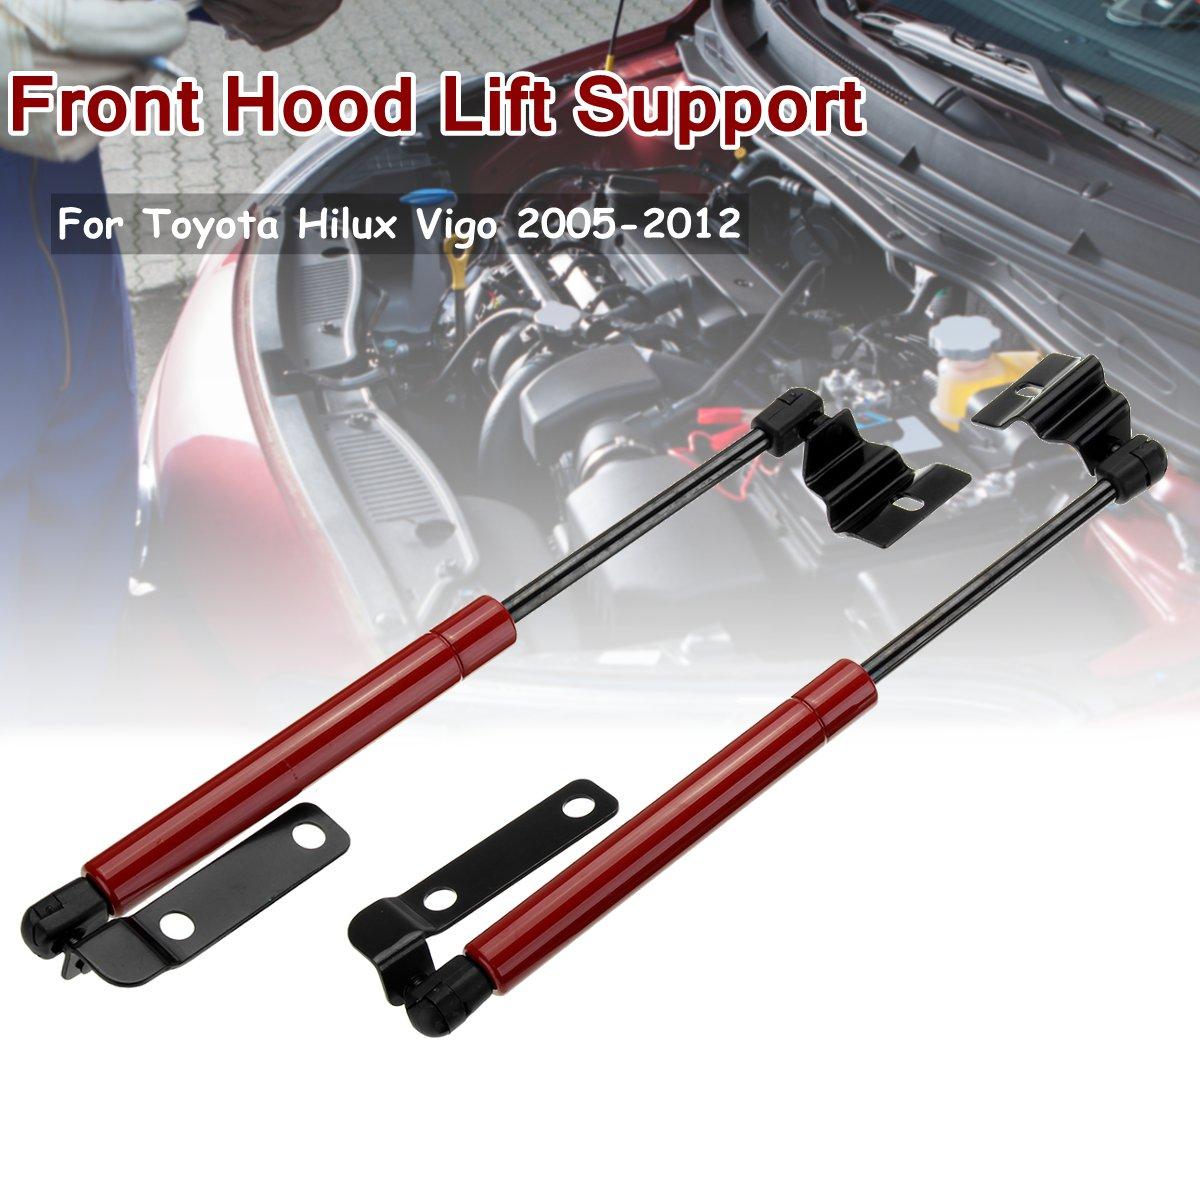 2X ฝาครอบด้านหน้า Bonnet Hood แรงกระแทก Struts บาร์สนับสนุนแขนแก๊สไฮดรอลิกสำหรับ Toyota HILUX Vigo SR5 2005 2006-2012